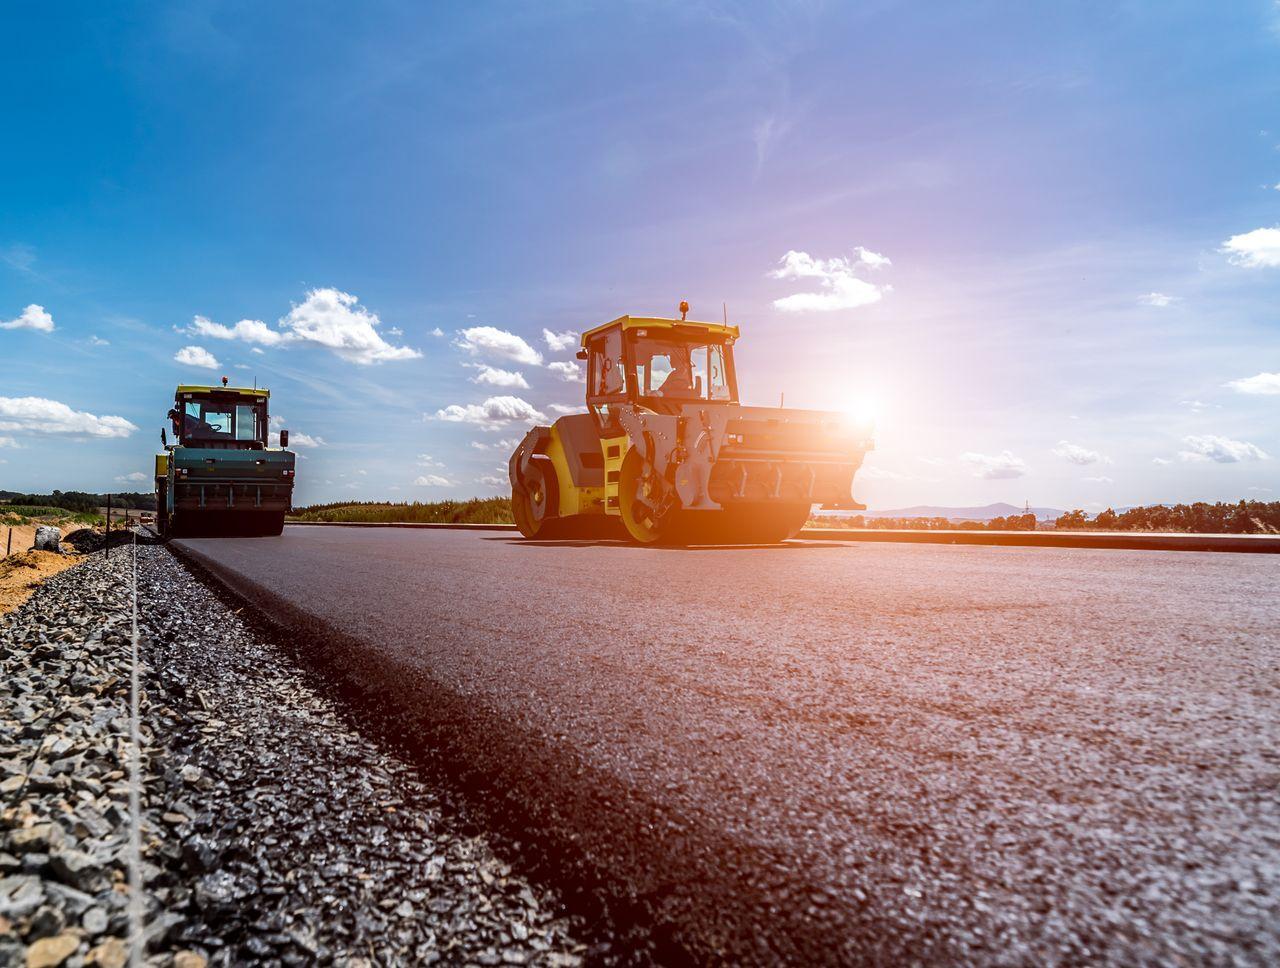 Ponad 224 mln zł trafi do Wielkopolski w ramach Rządowego Funduszu Rozwoju Dróg - Zdjęcie główne